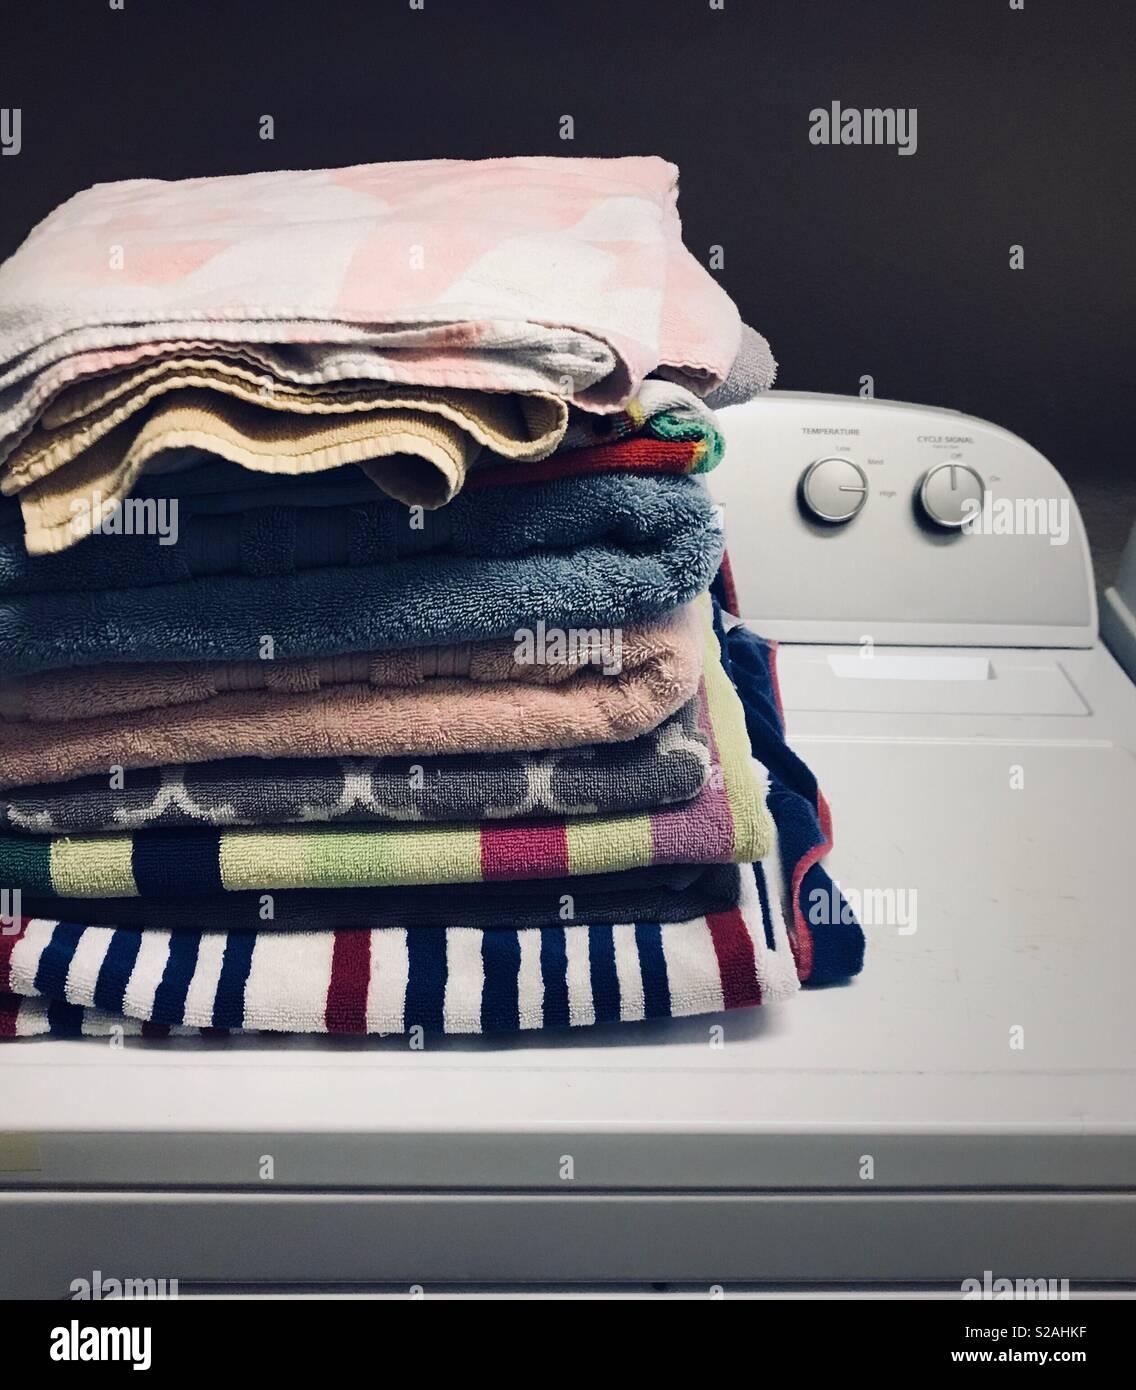 Serviettes pliées colorés assis sur le dessus du sécheur corvées maison - Accueil - La vie de vêtements- serviettes pliage Photo Stock